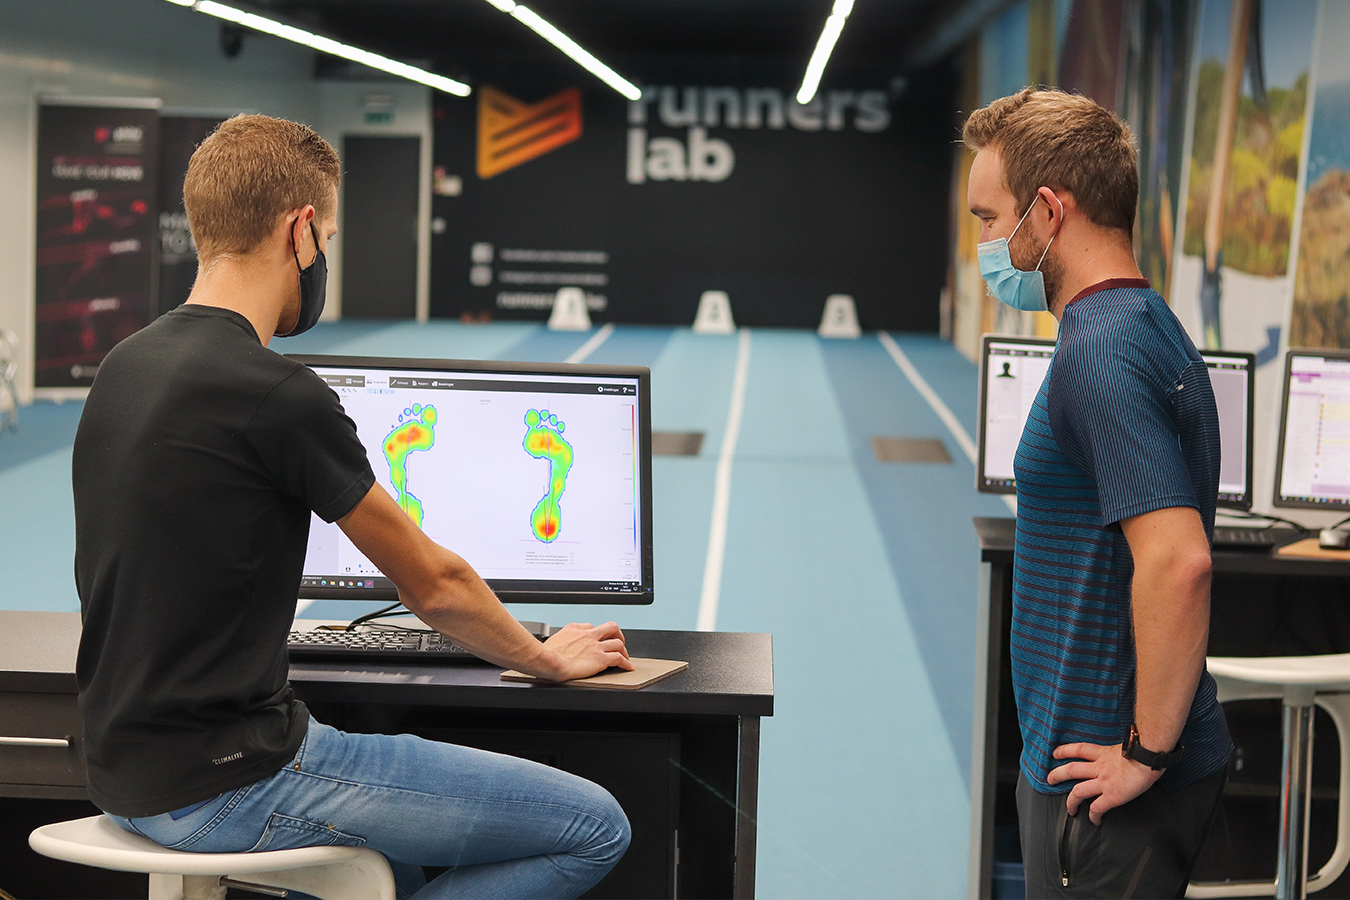 runners-lab-footscan-analyse-advies-op-afspraak